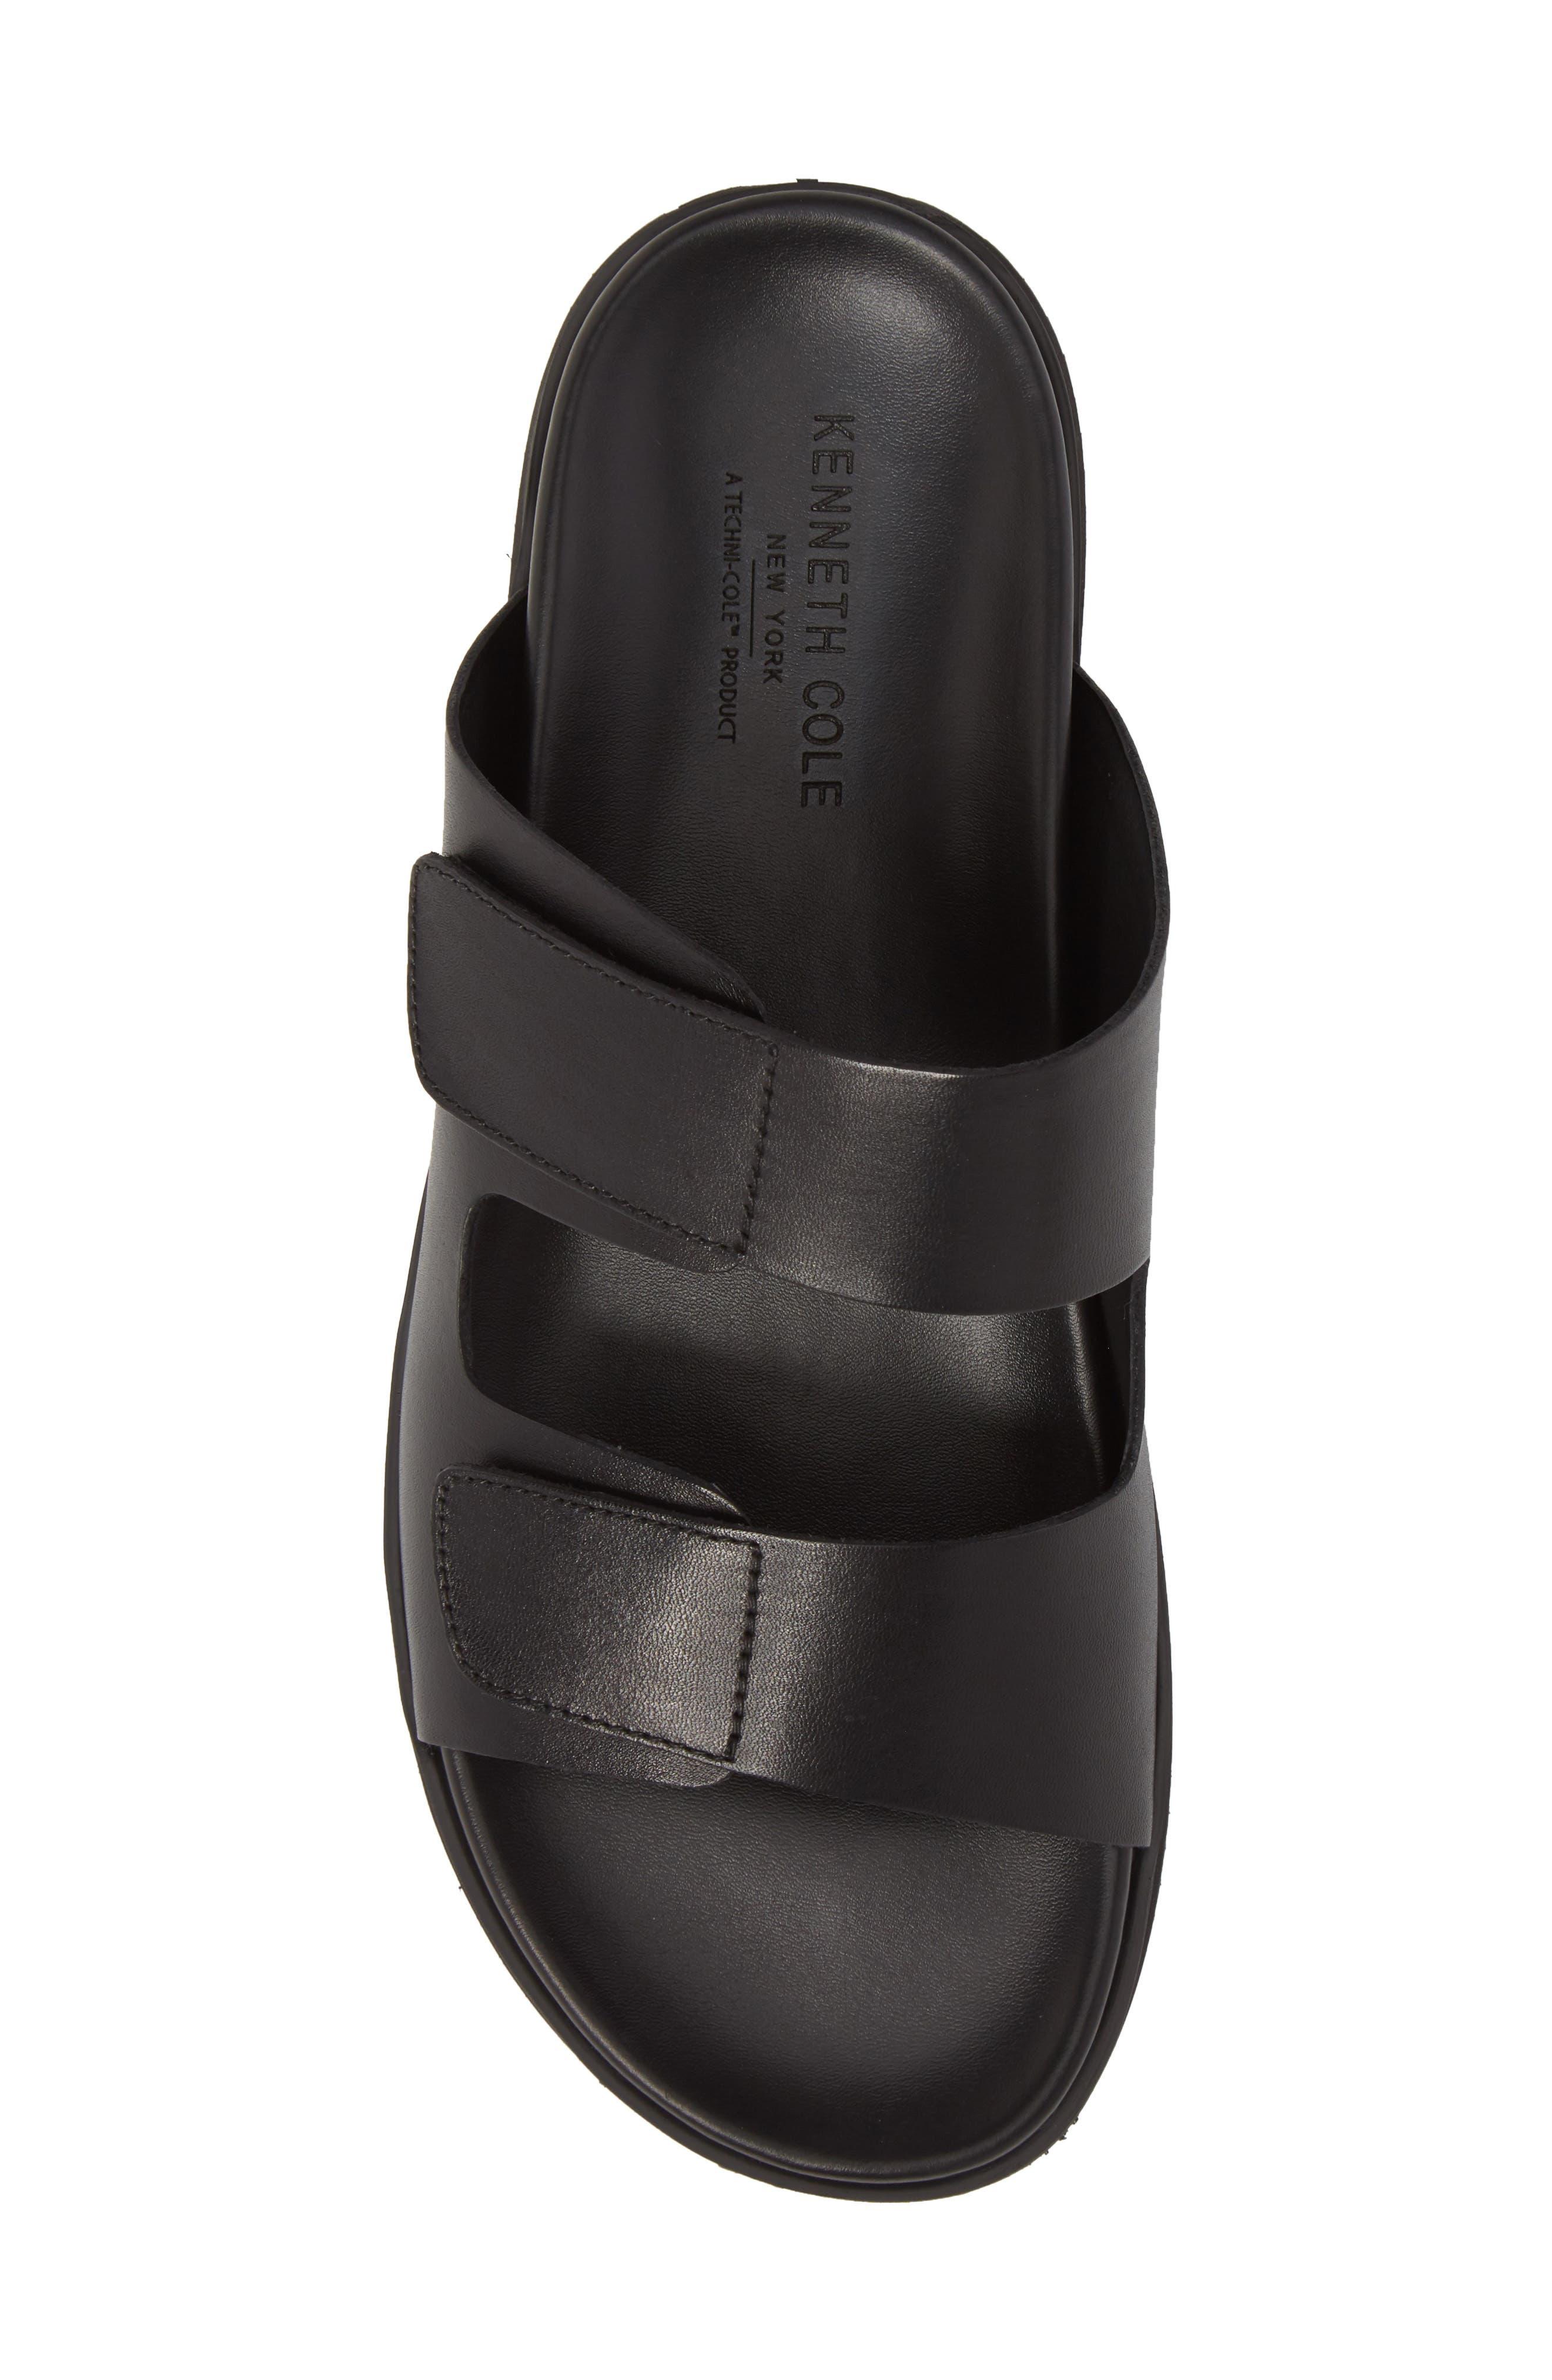 Story Slide Sandal,                             Alternate thumbnail 5, color,                             Black Leather